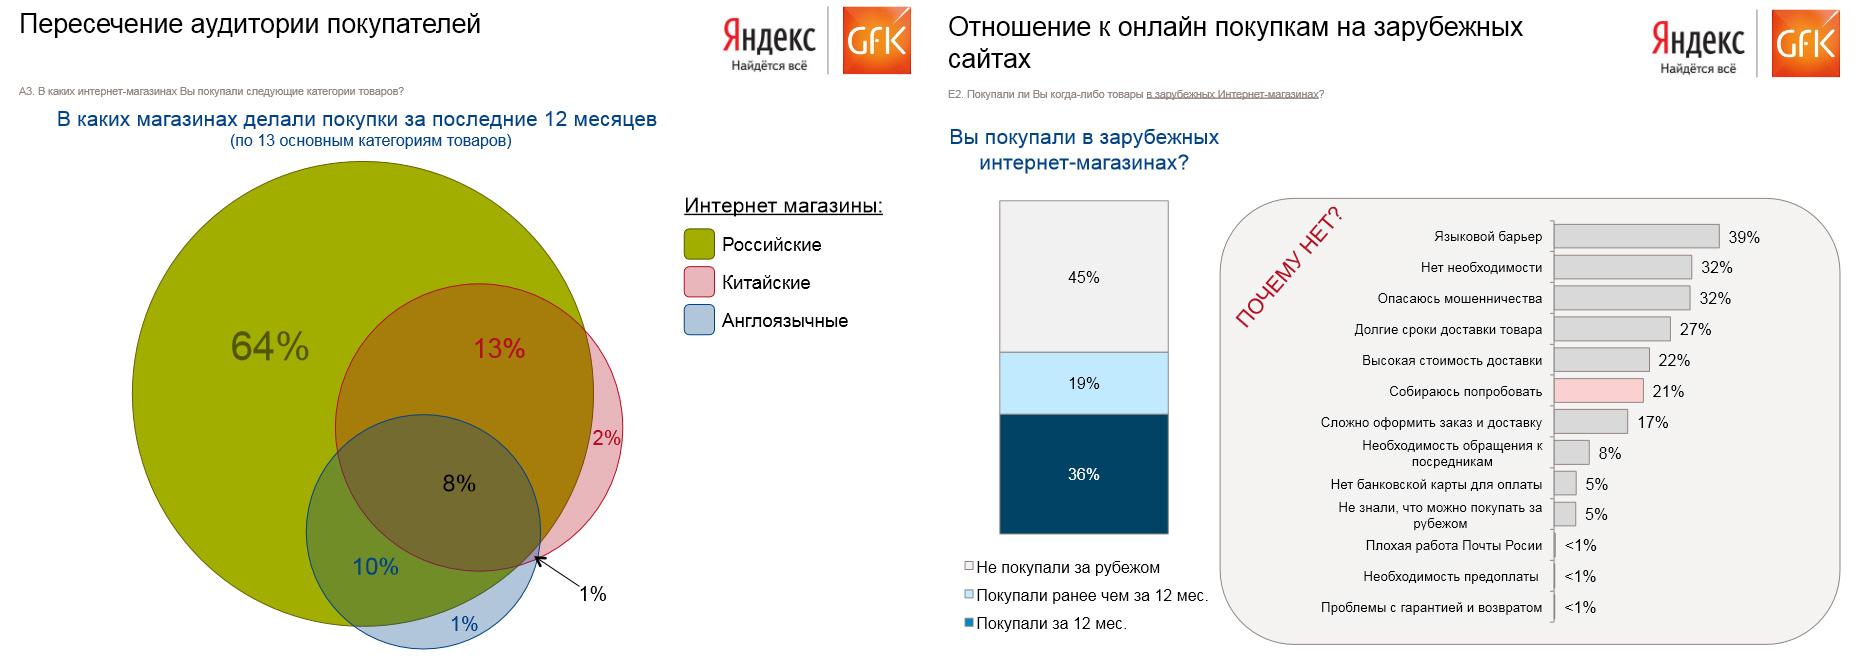 В России у иностранных интернет магазинов гораздо больше перспектив для роста